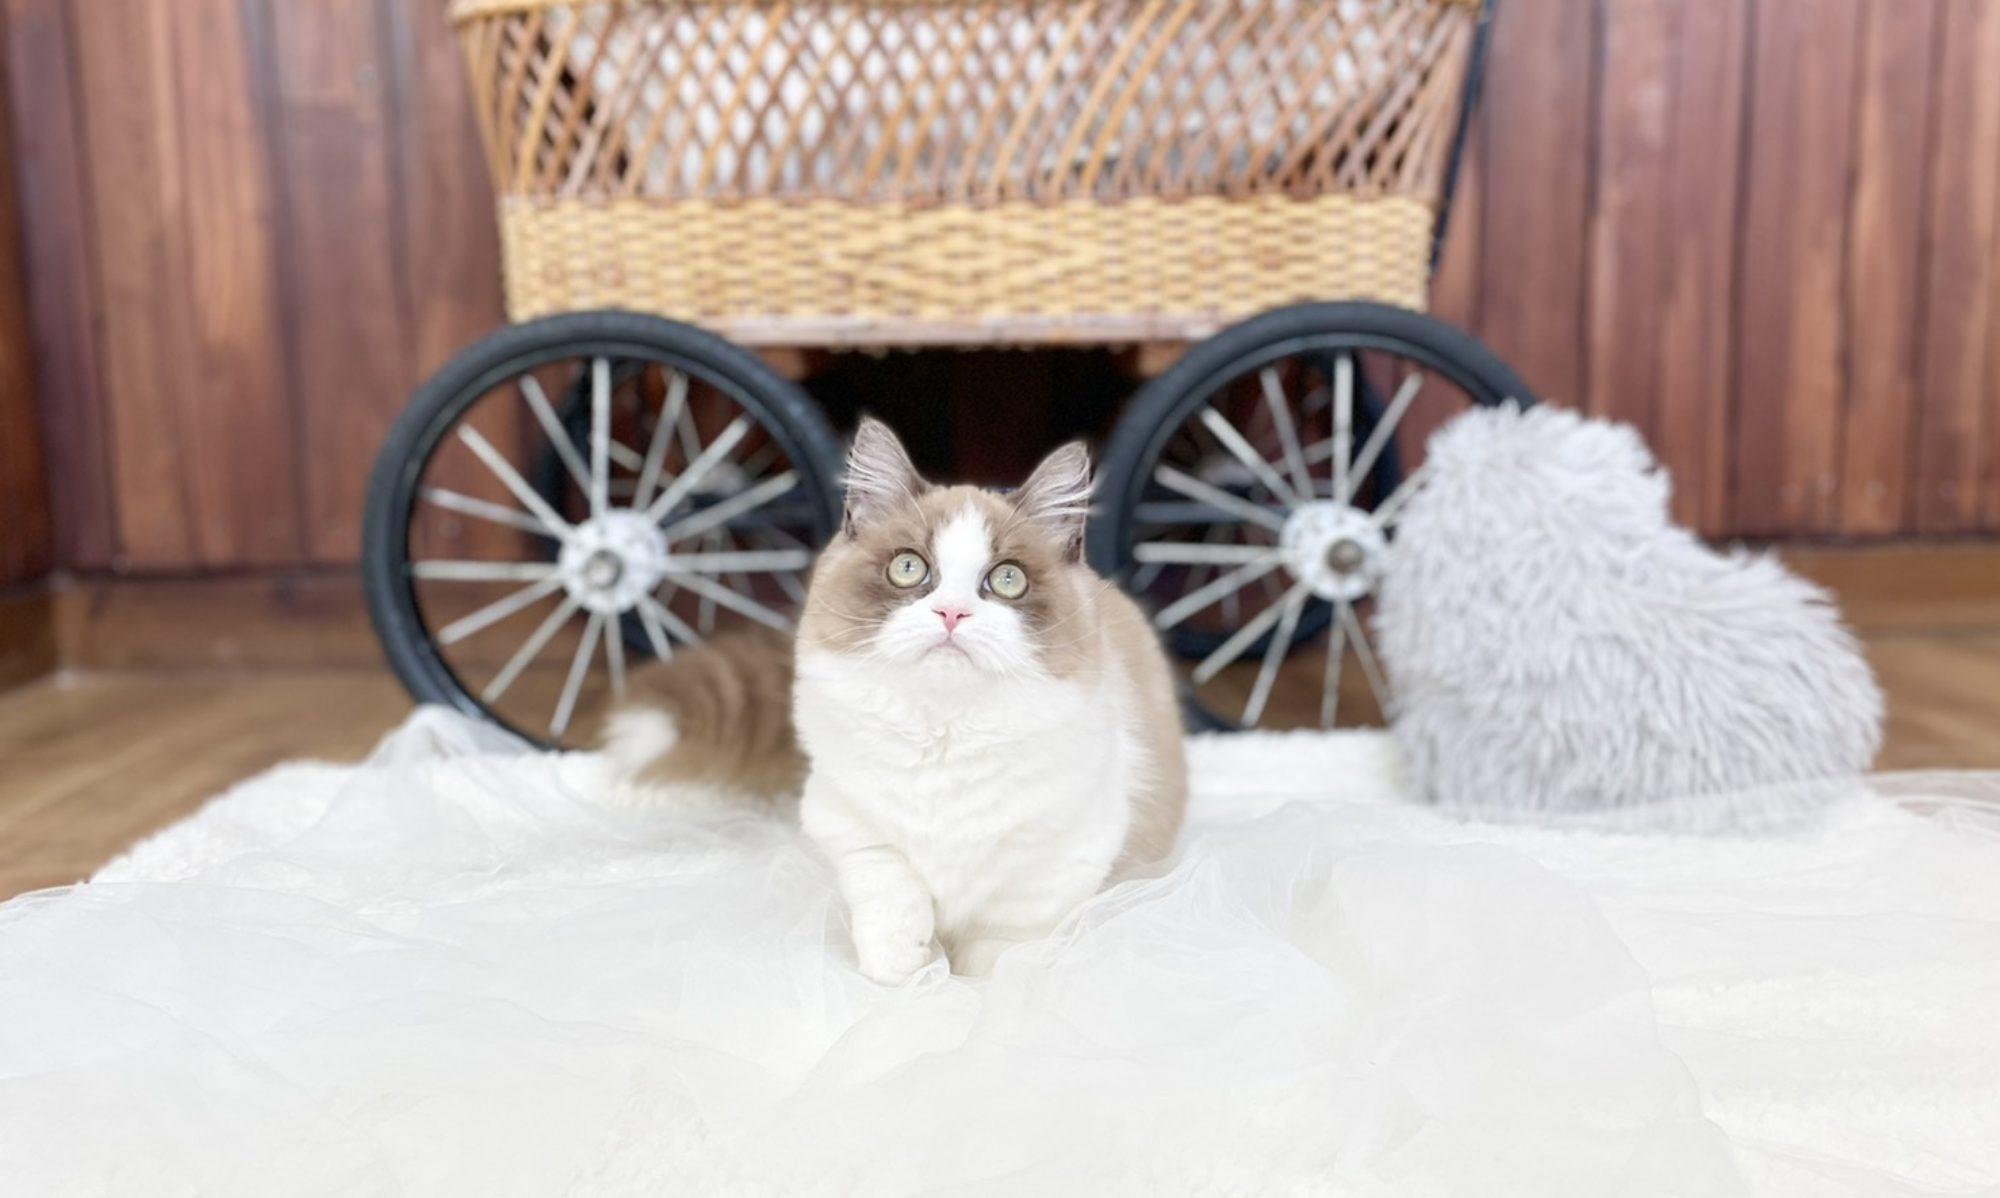 サイベリアン・ラグドール大型猫(ねこ)ブリーダーのフルーフィーコットです